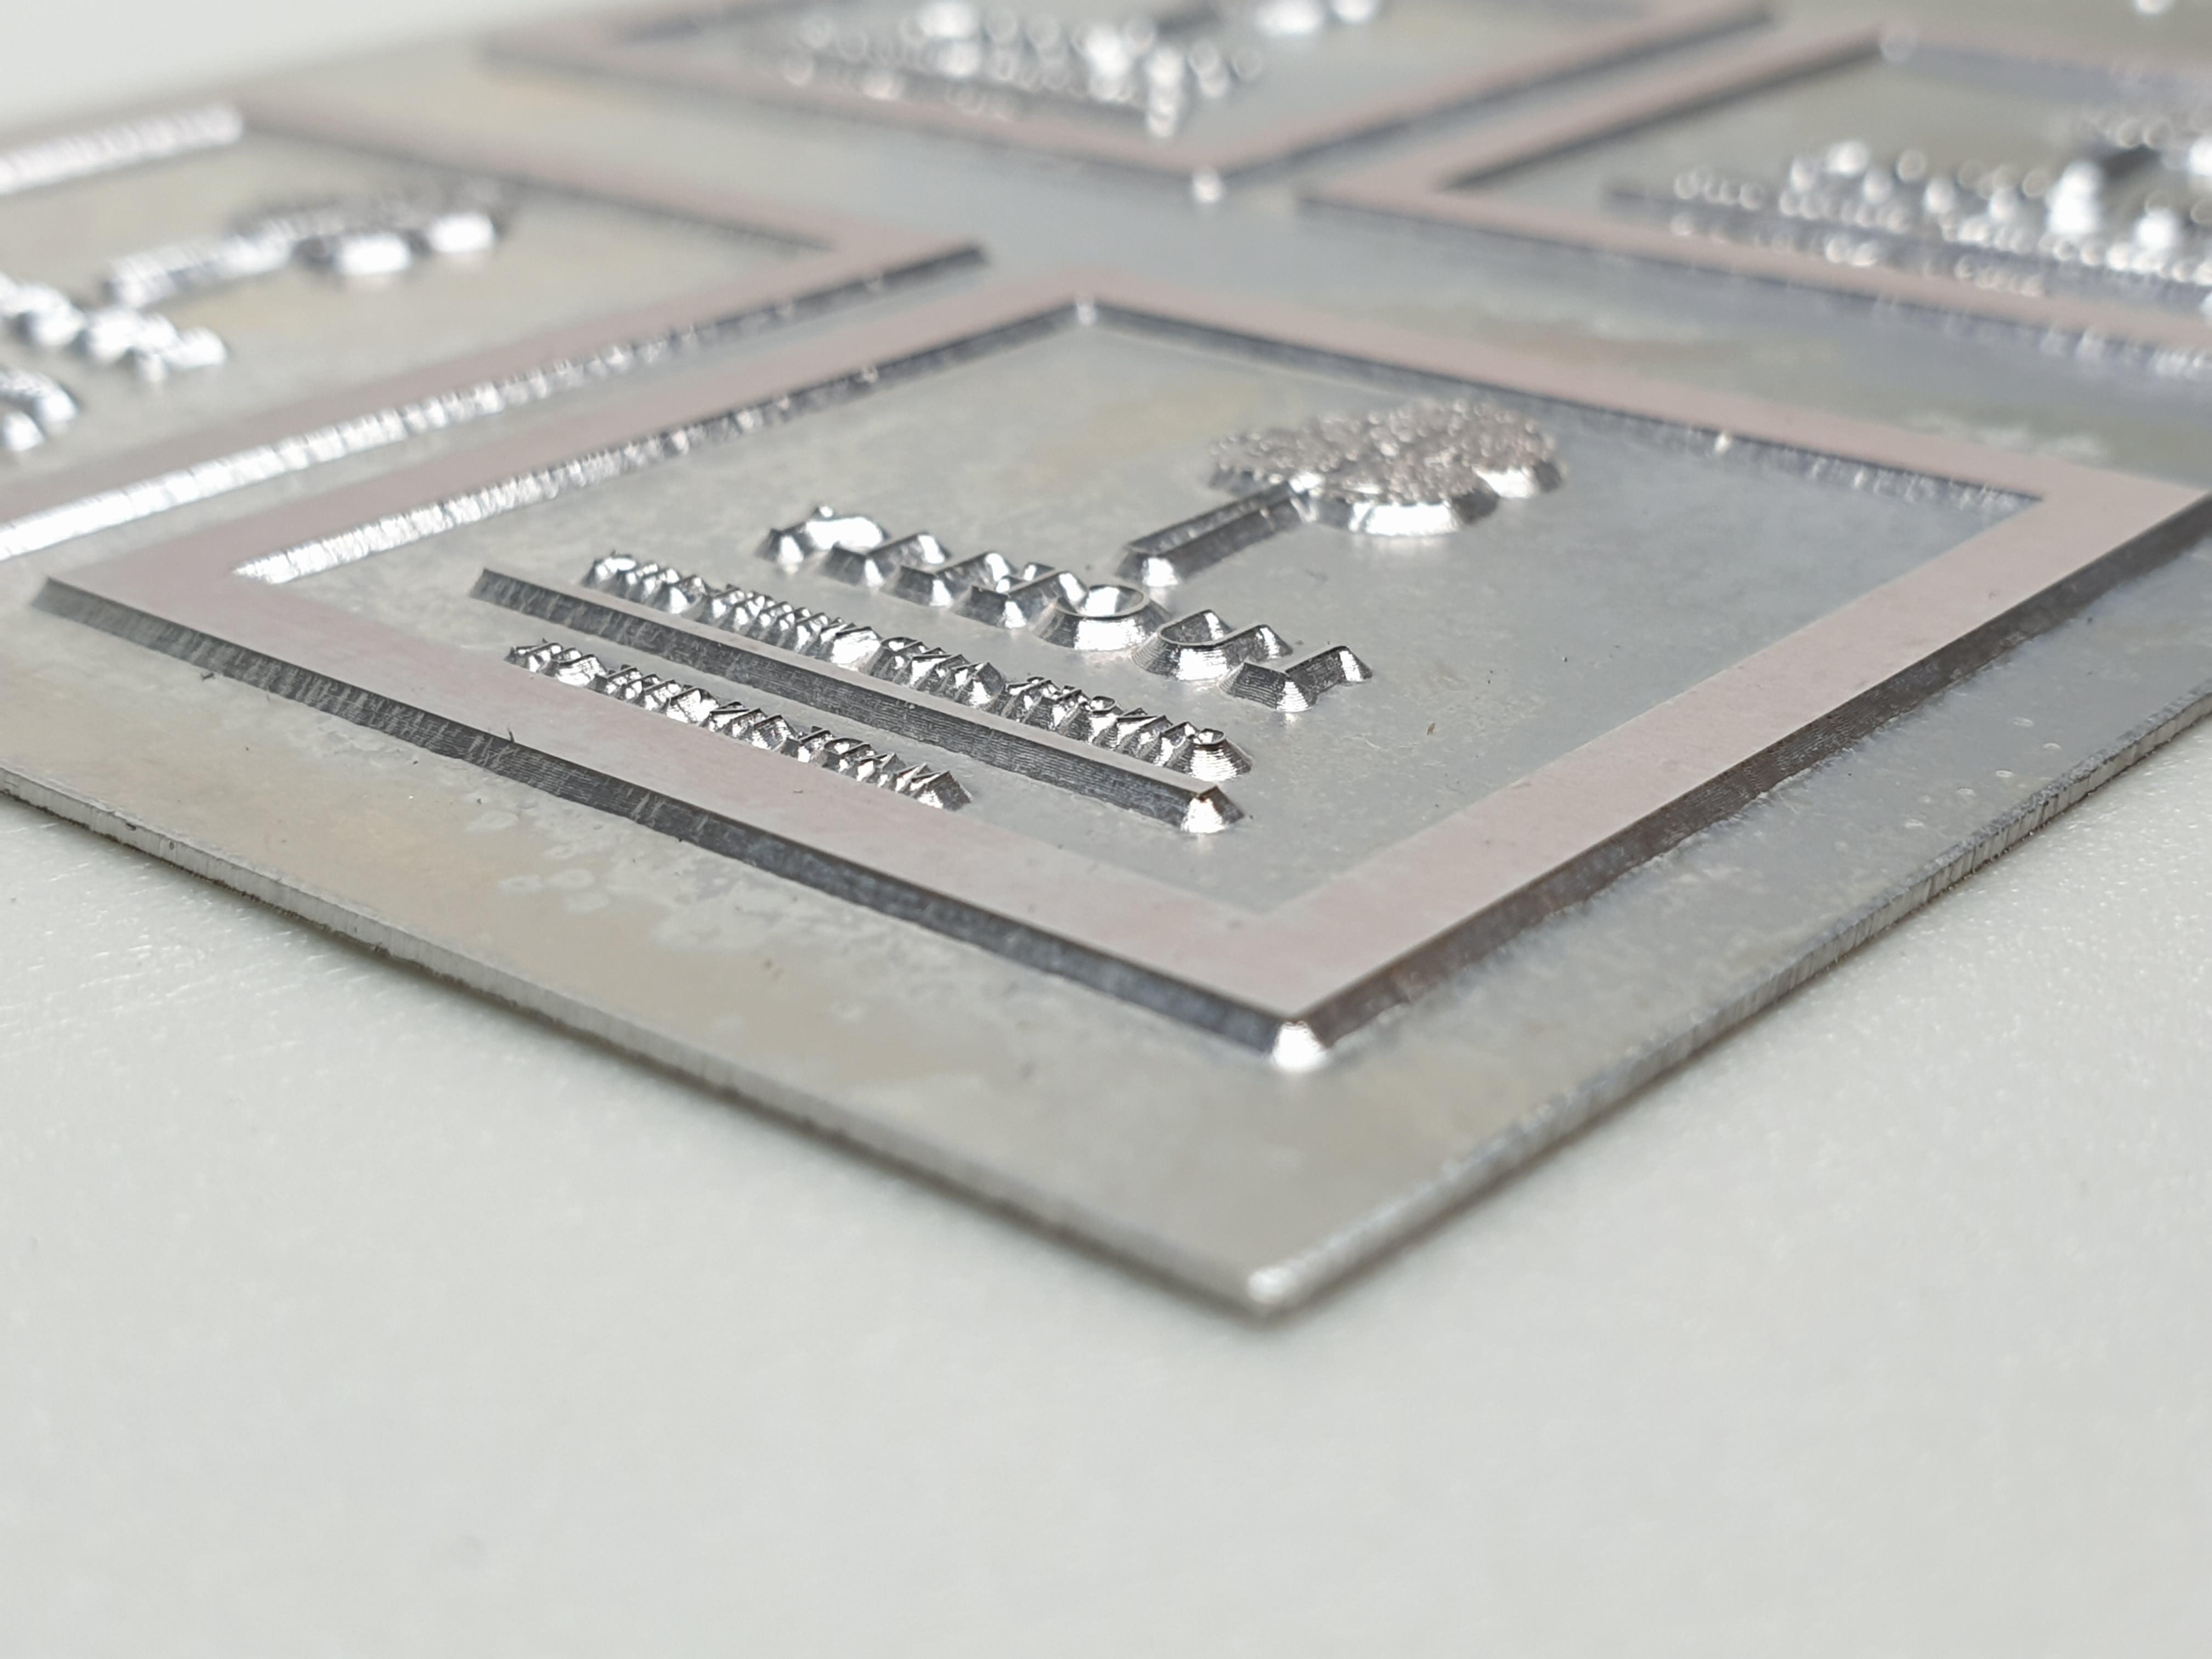 Letterpress Plates - Centurion Graphics